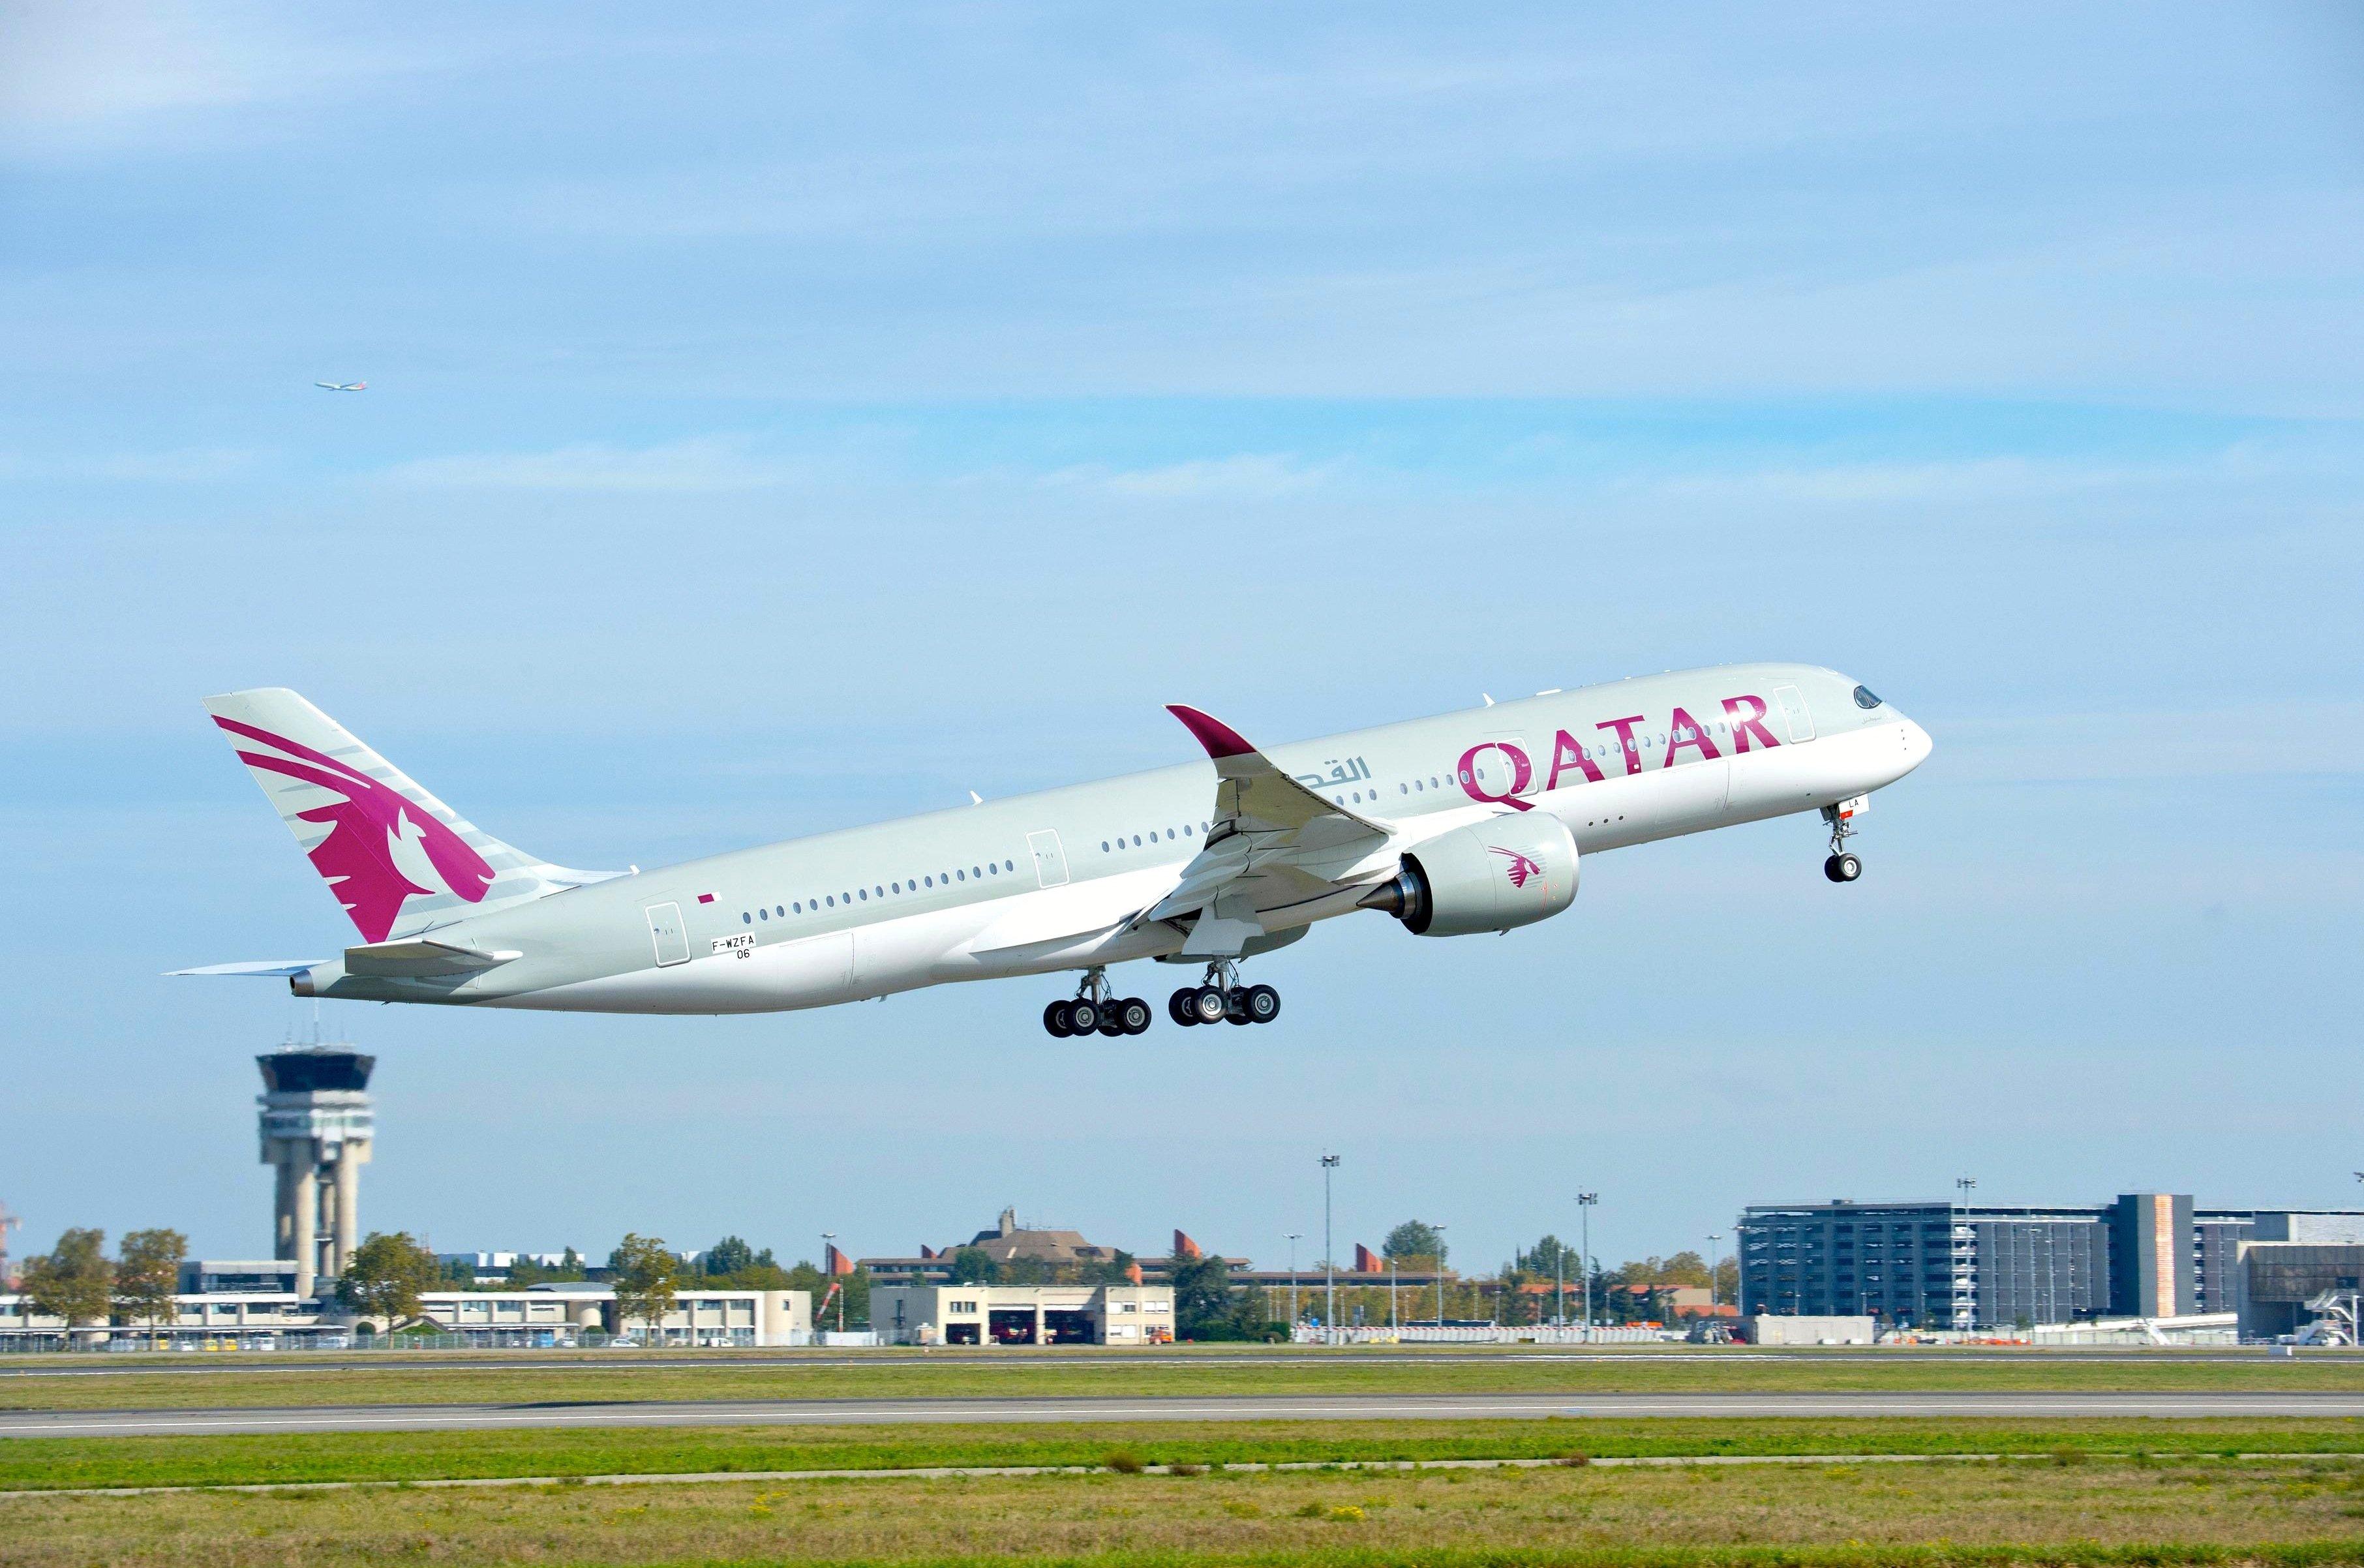 Die erste A 350 für Qatar Airways sollte am kommenden Samstag ausgeliefert werden. Die Fluggesellschaft hat die Auslieferung ohne Nennung von Gründen abgesagt. Laut Airbus-Chef Enders ist die Maschine fertig und bereit für die Auslieferung.